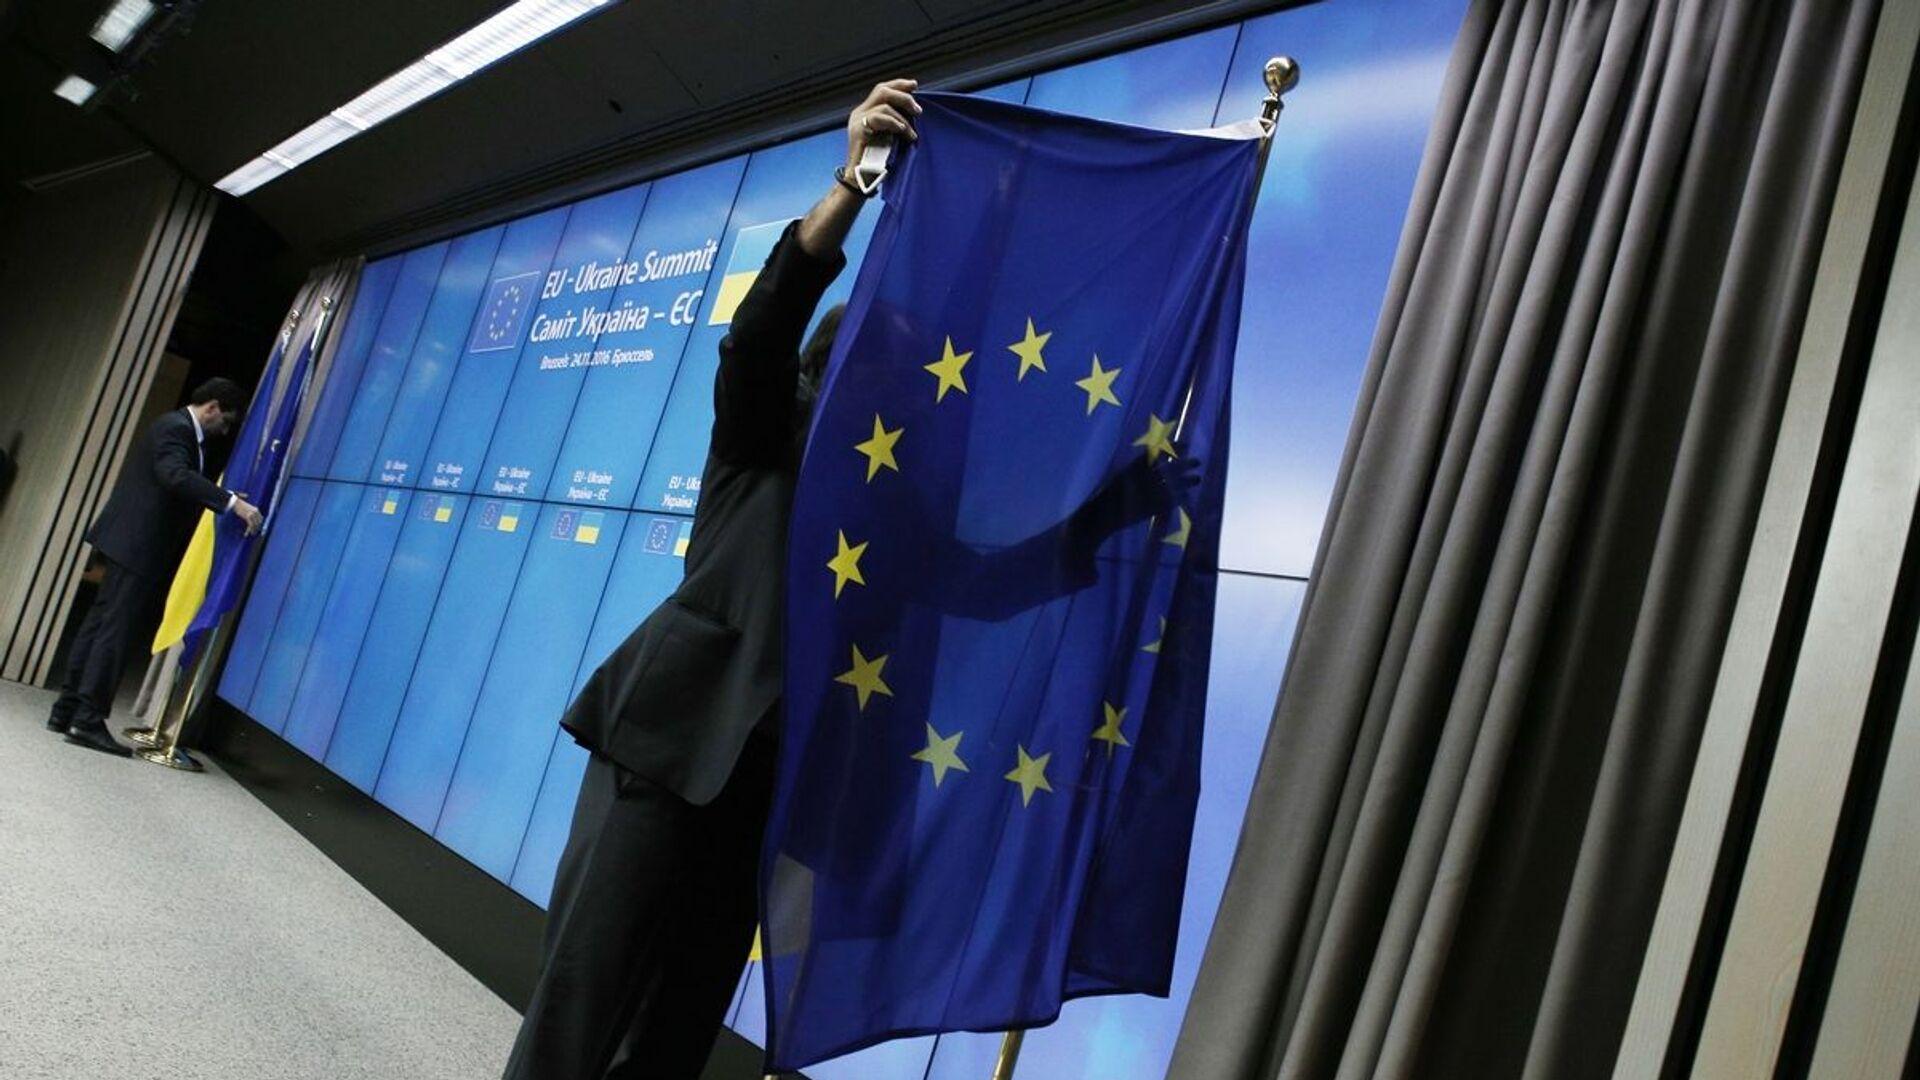 Η σημαία της Ευρωπαϊκής Ένωσης - Sputnik Ελλάδα, 1920, 28.09.2021